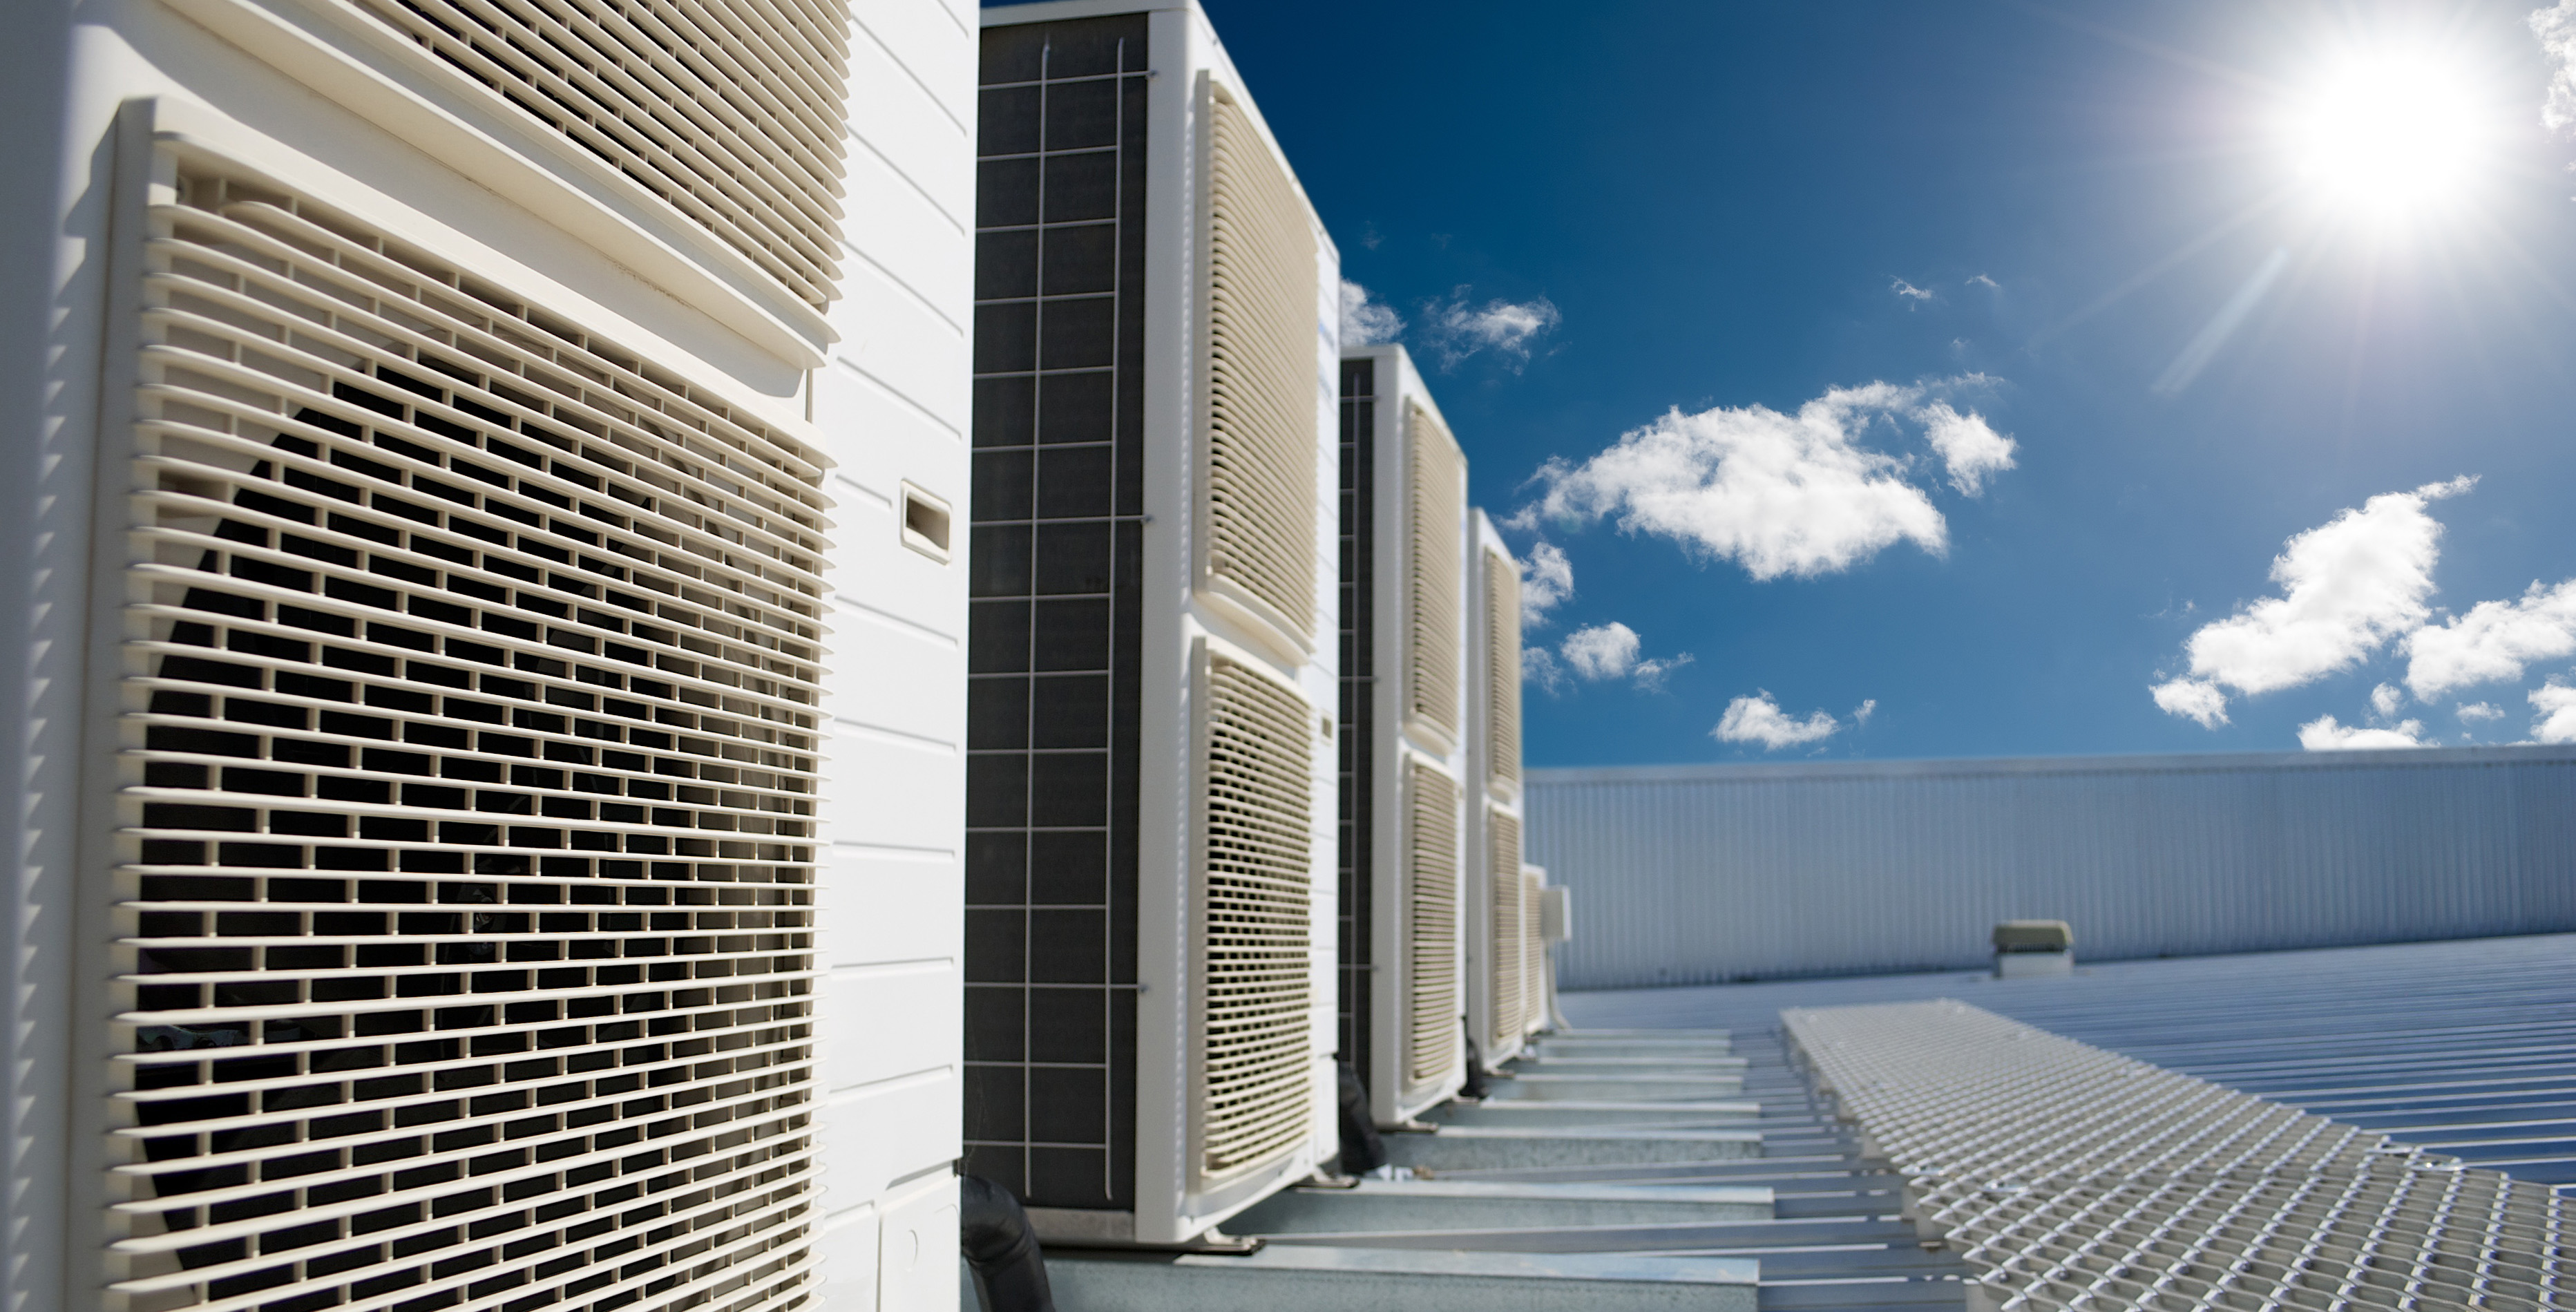 installation de climatisation pompe chaleur et climatiseur tours. Black Bedroom Furniture Sets. Home Design Ideas